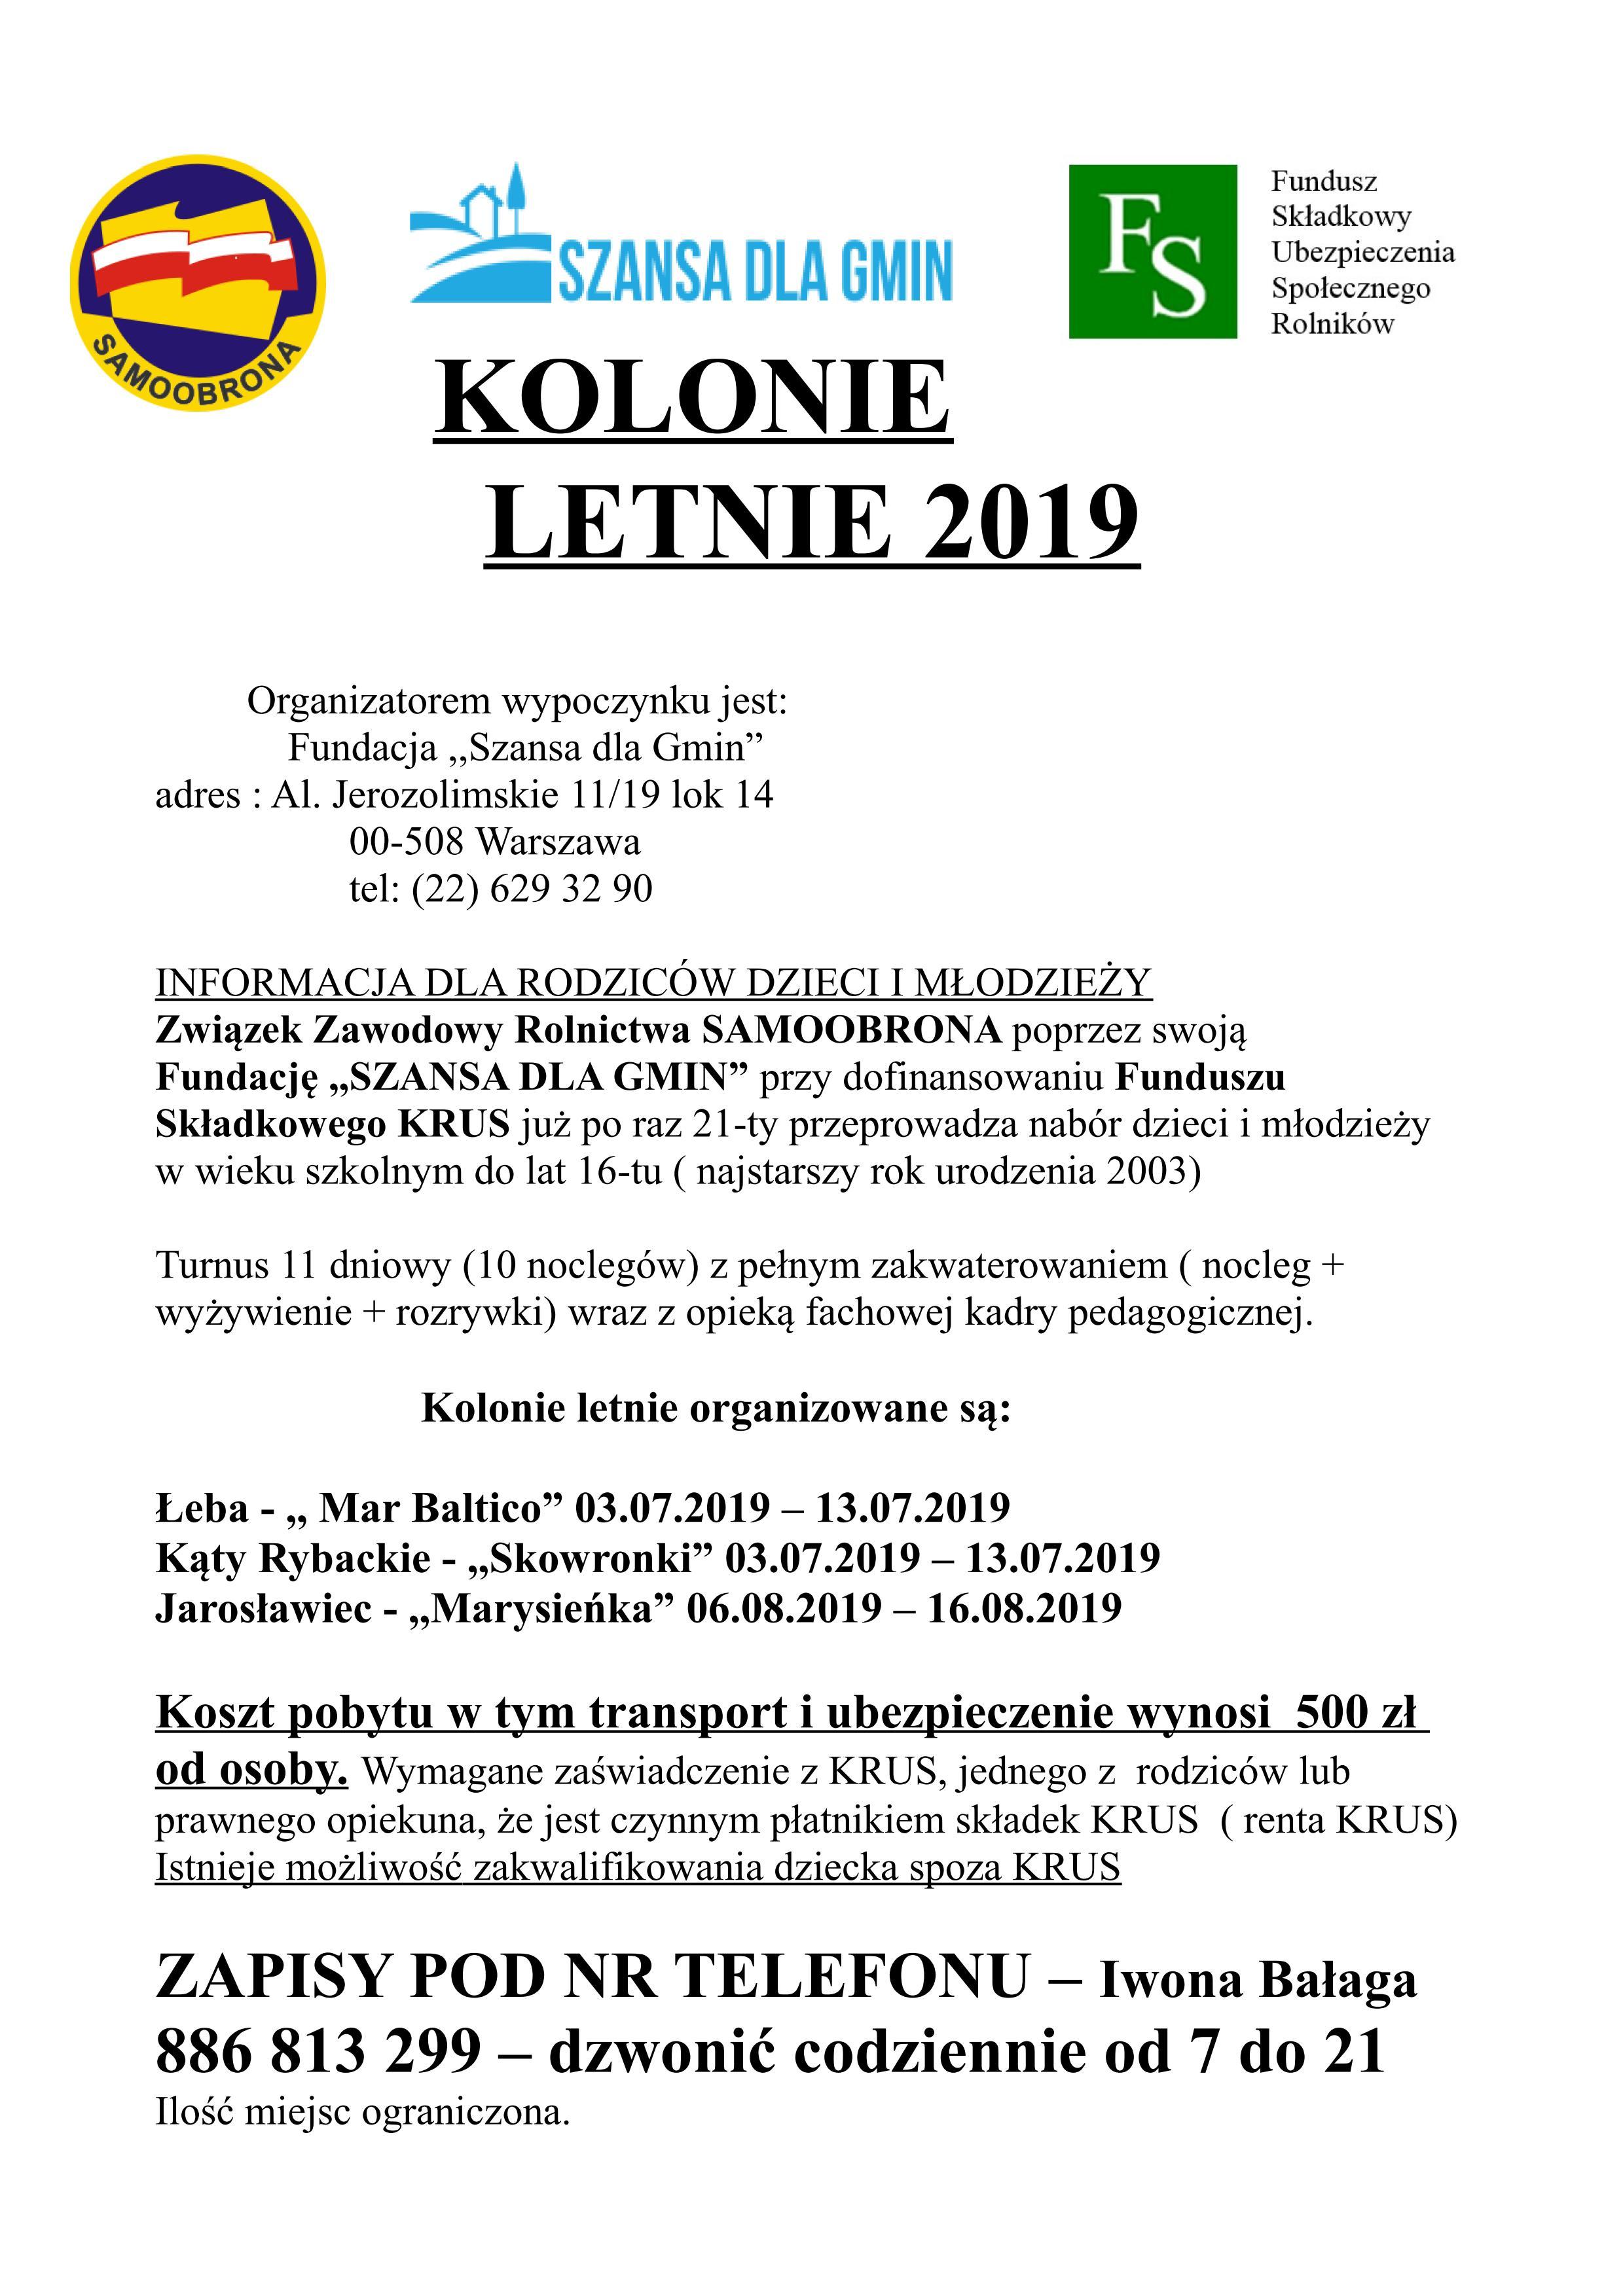 kolonie0412019.jpg